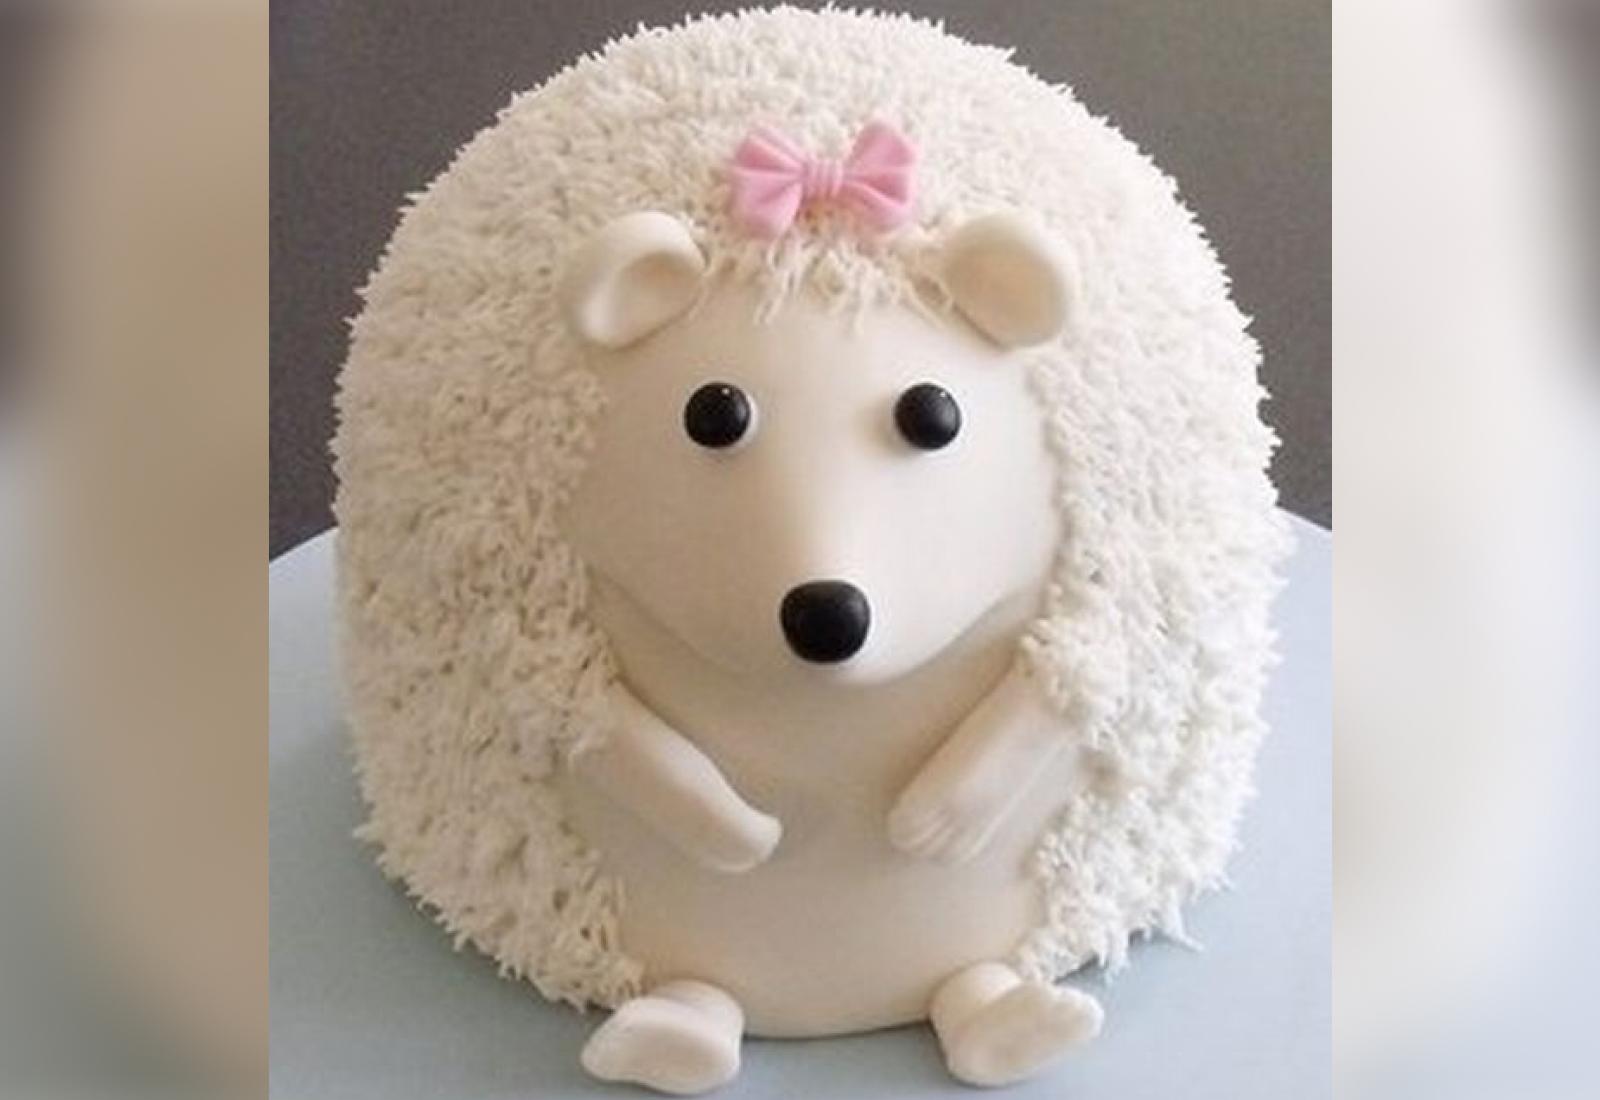 Парень решил испечь торт на день рождения, но от результата именинник рассмеялся вместе со слезами